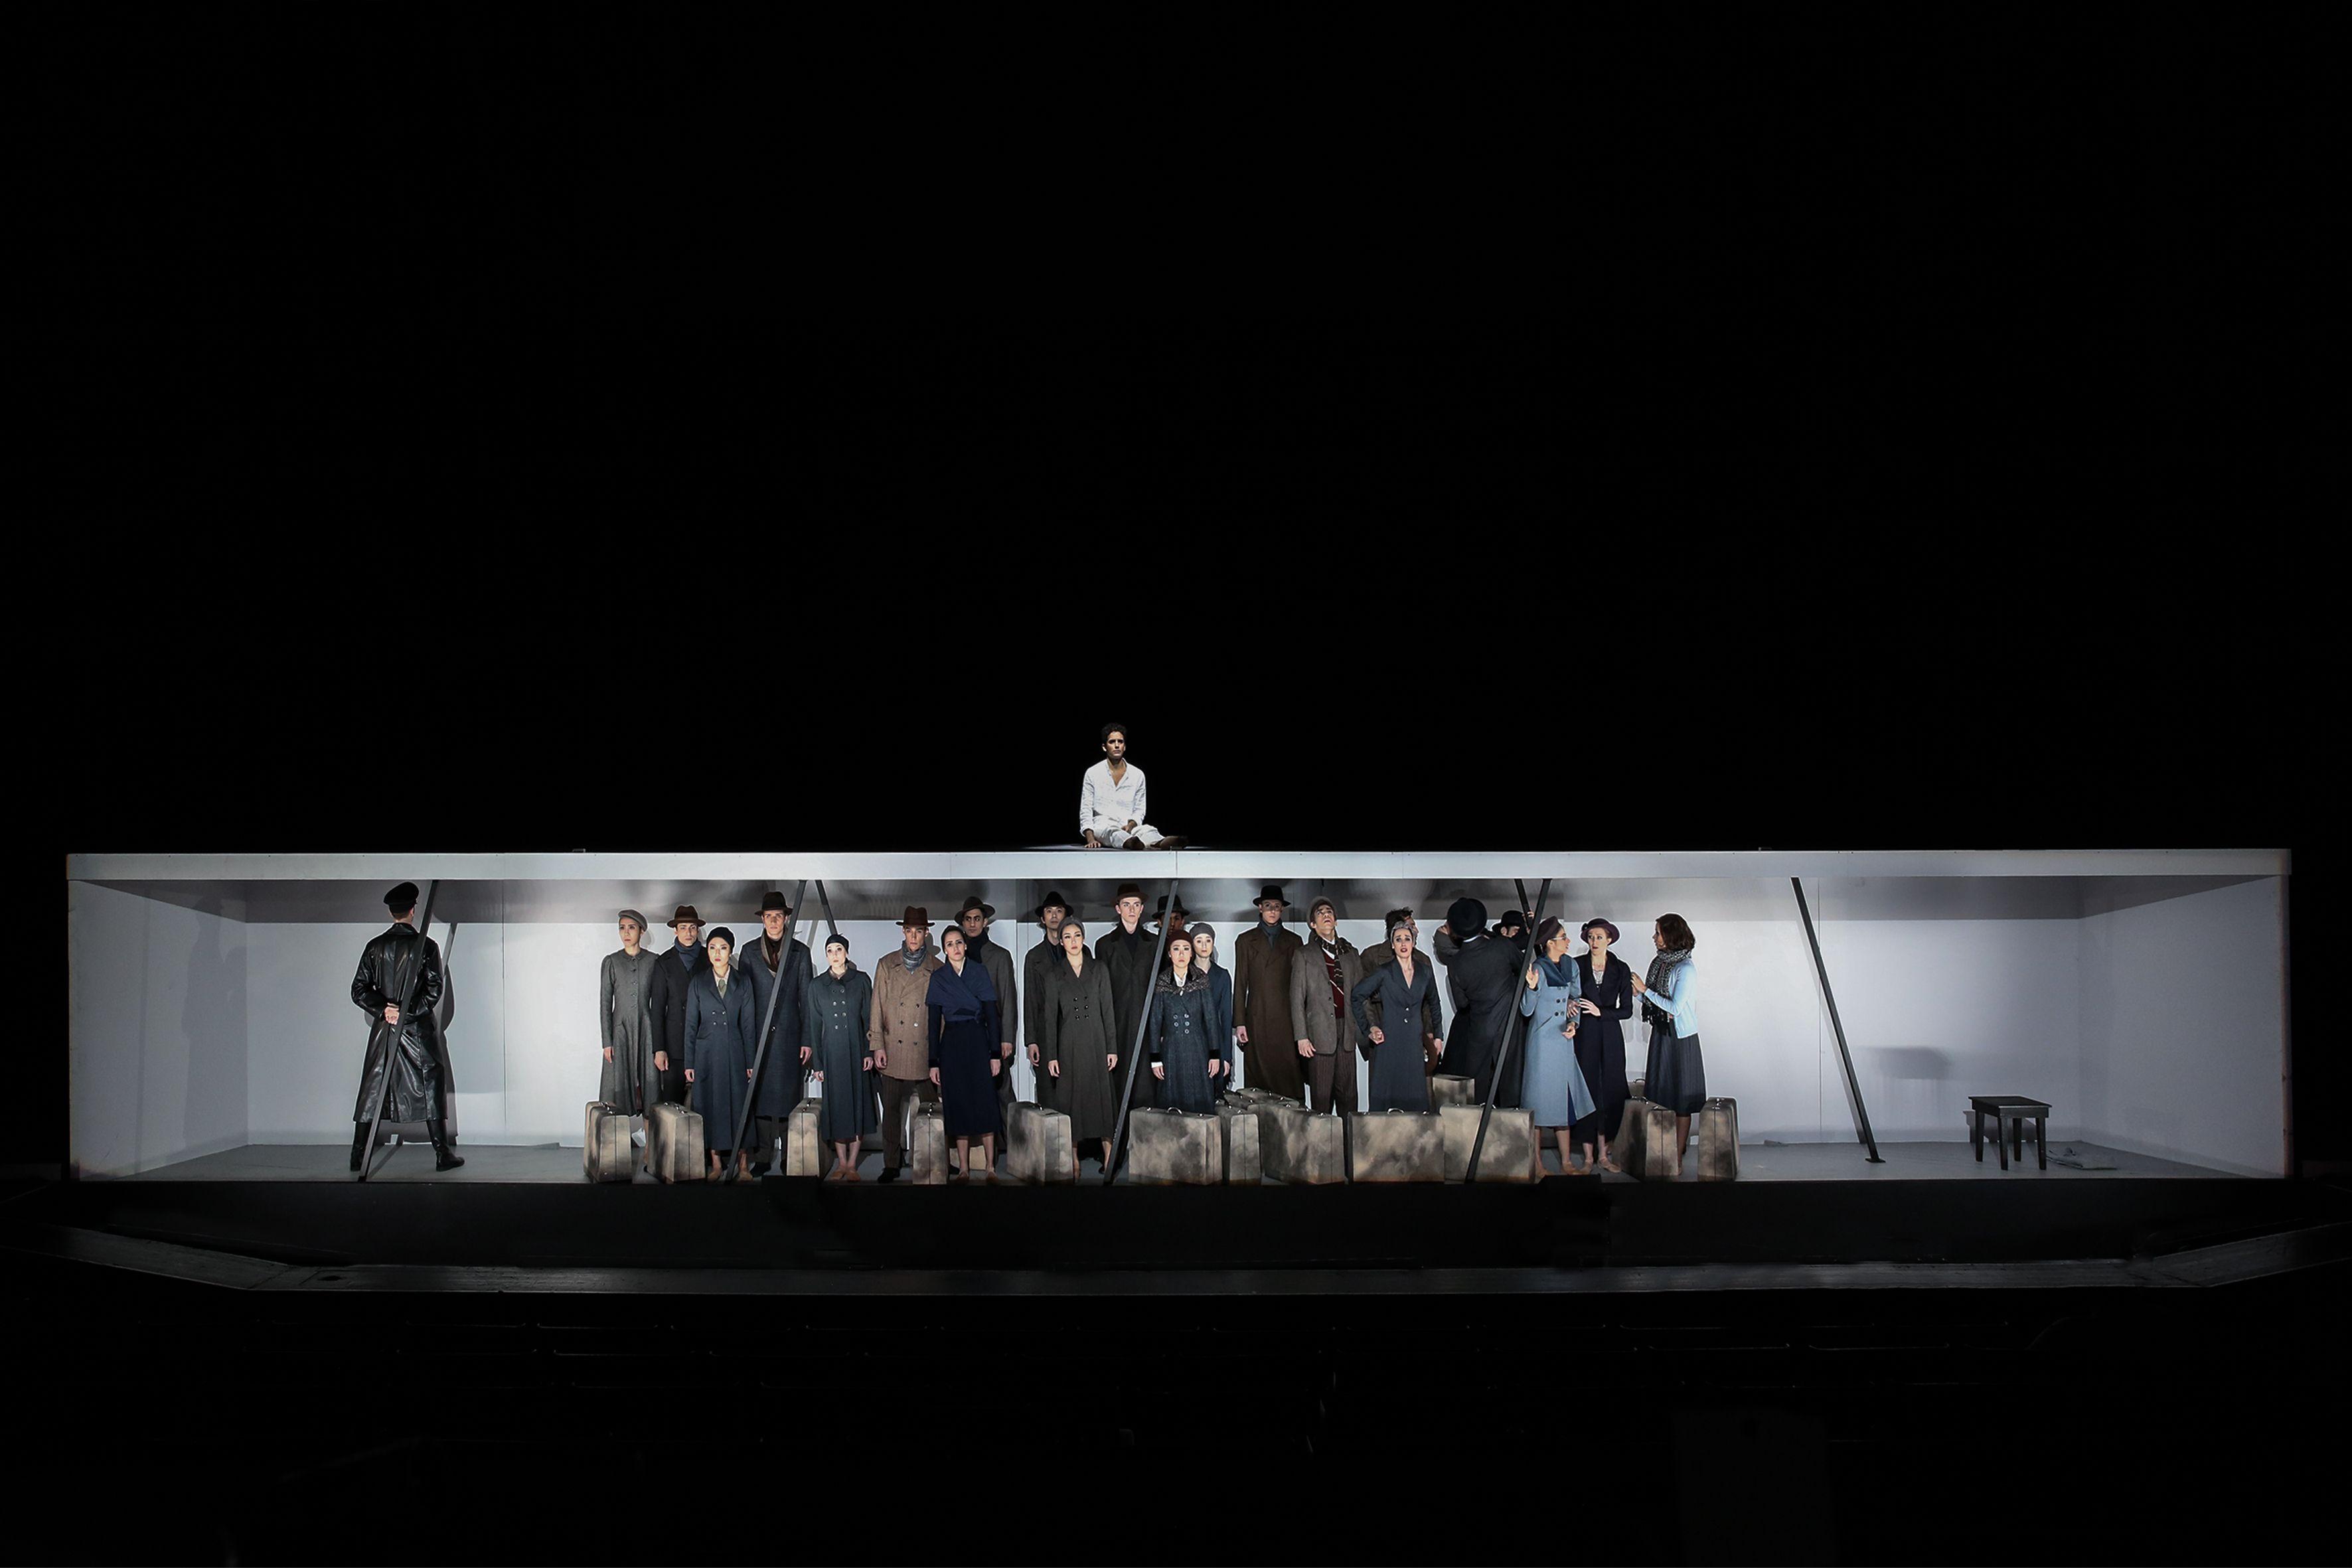 Stagedesign for ANNE FRANK/ a ballet for Staatsballett Karlsruhe, Germany Sebastian Hannak